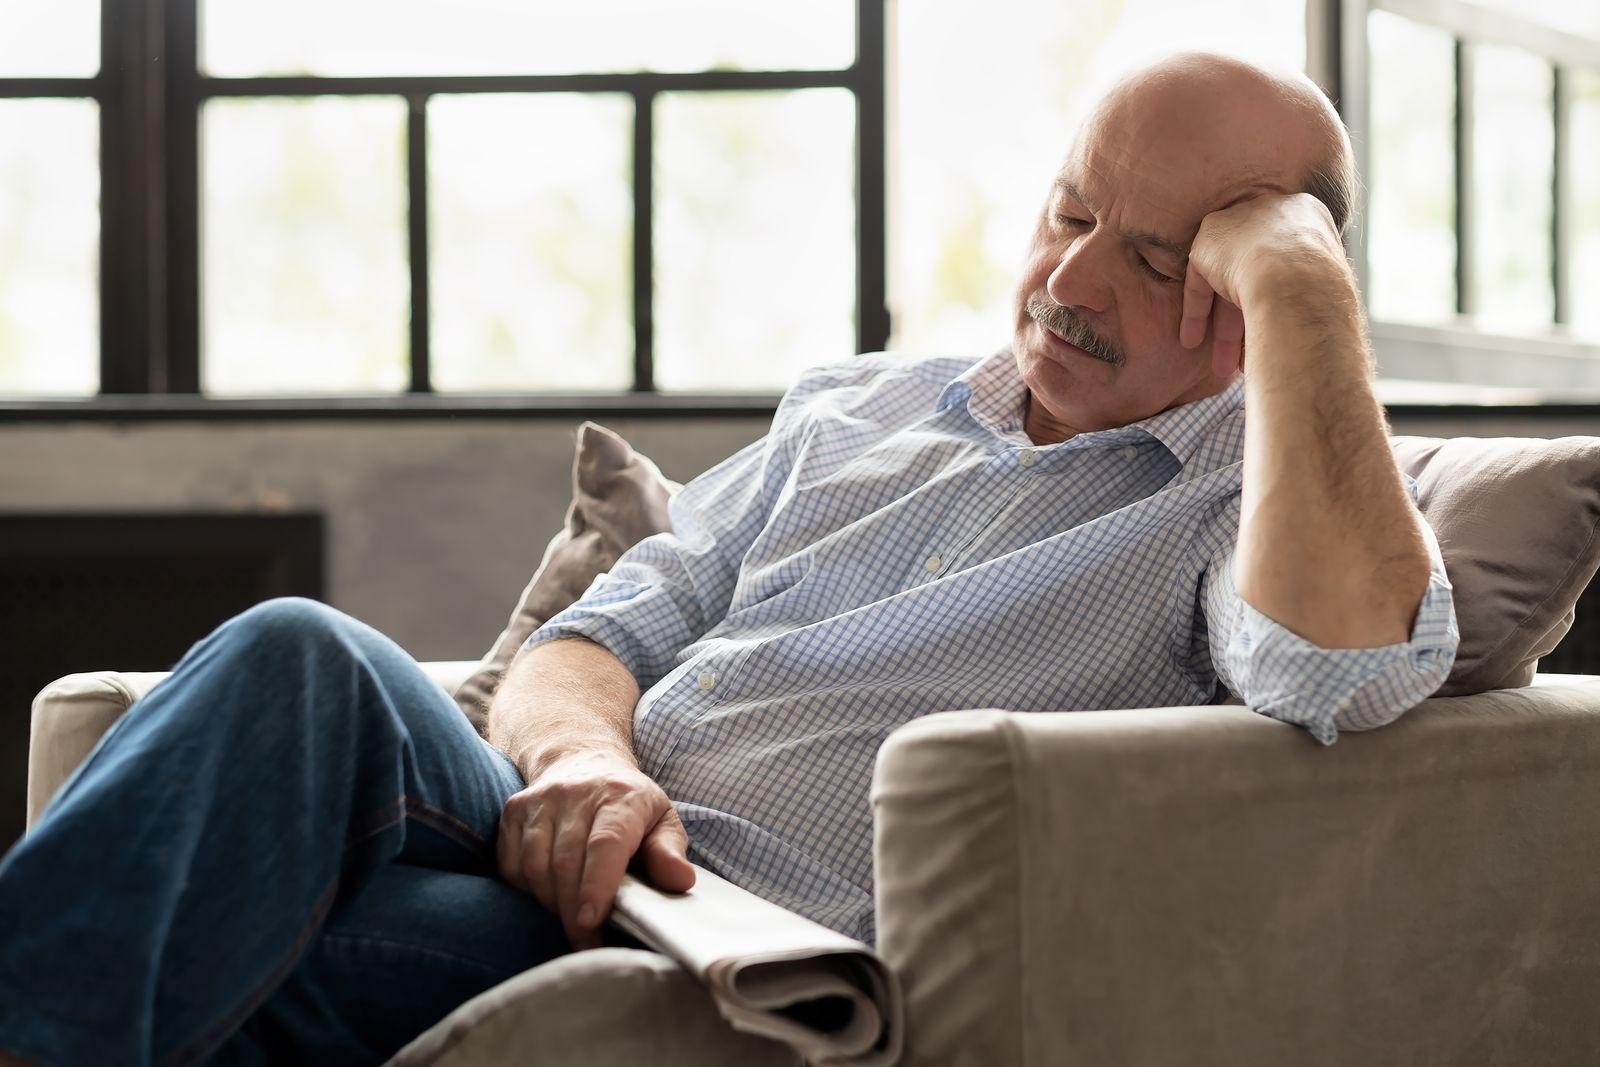 Quiero saber los riesgos de la excesiva somnolencia diurna